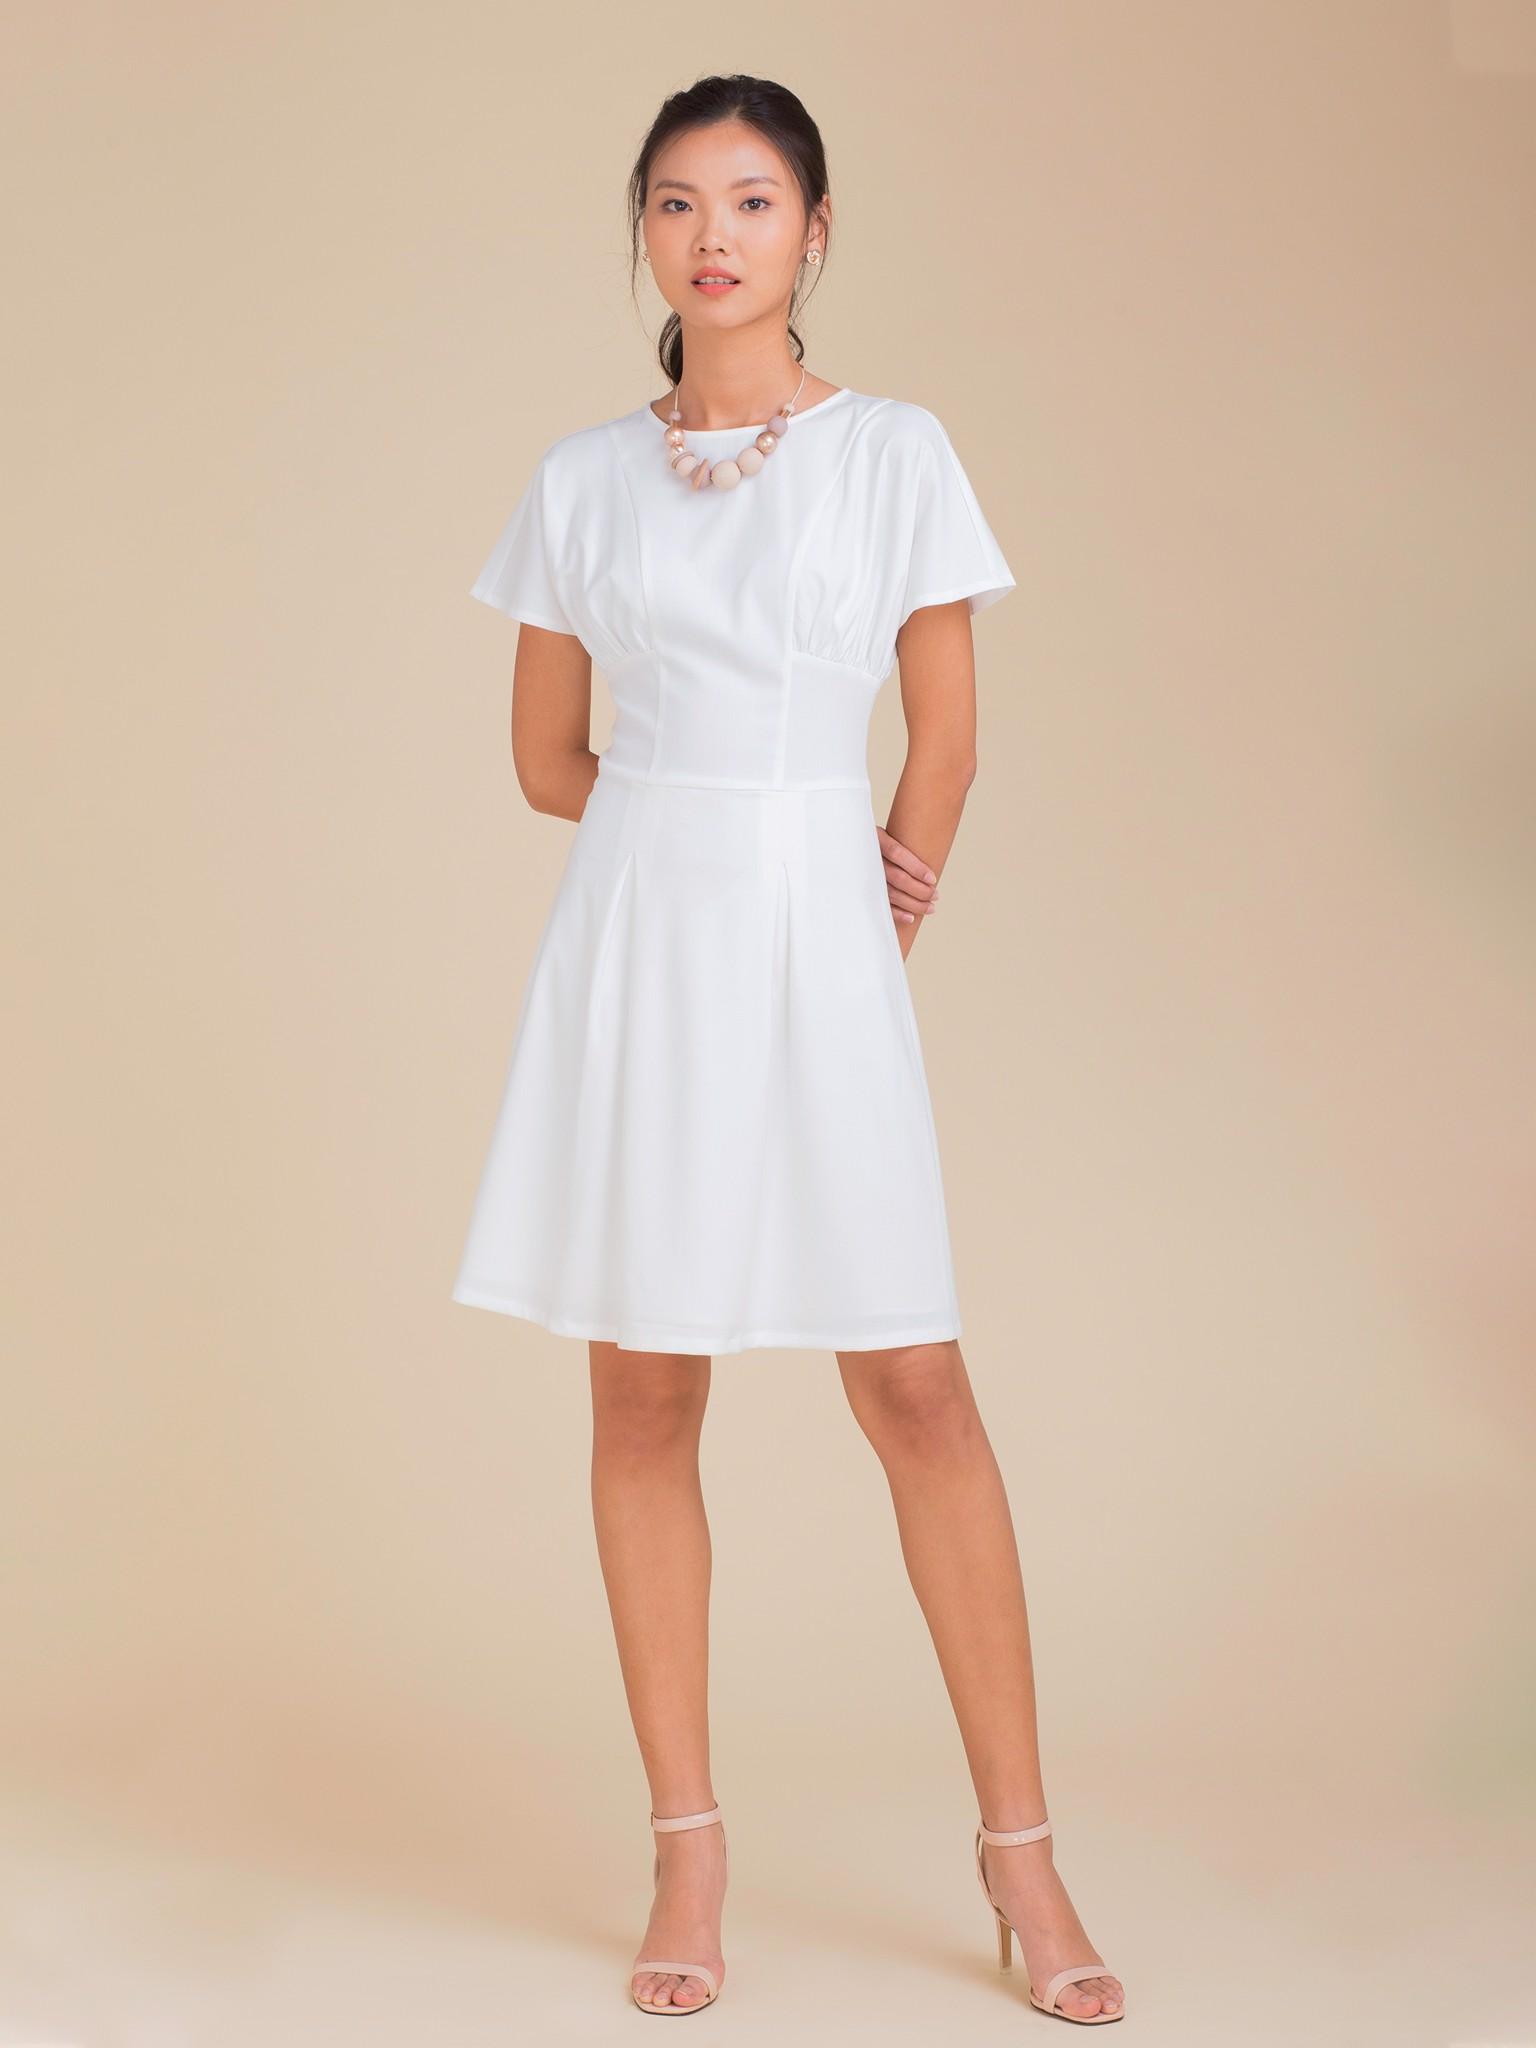 Đầm nữ tay ngắn 3026312180452